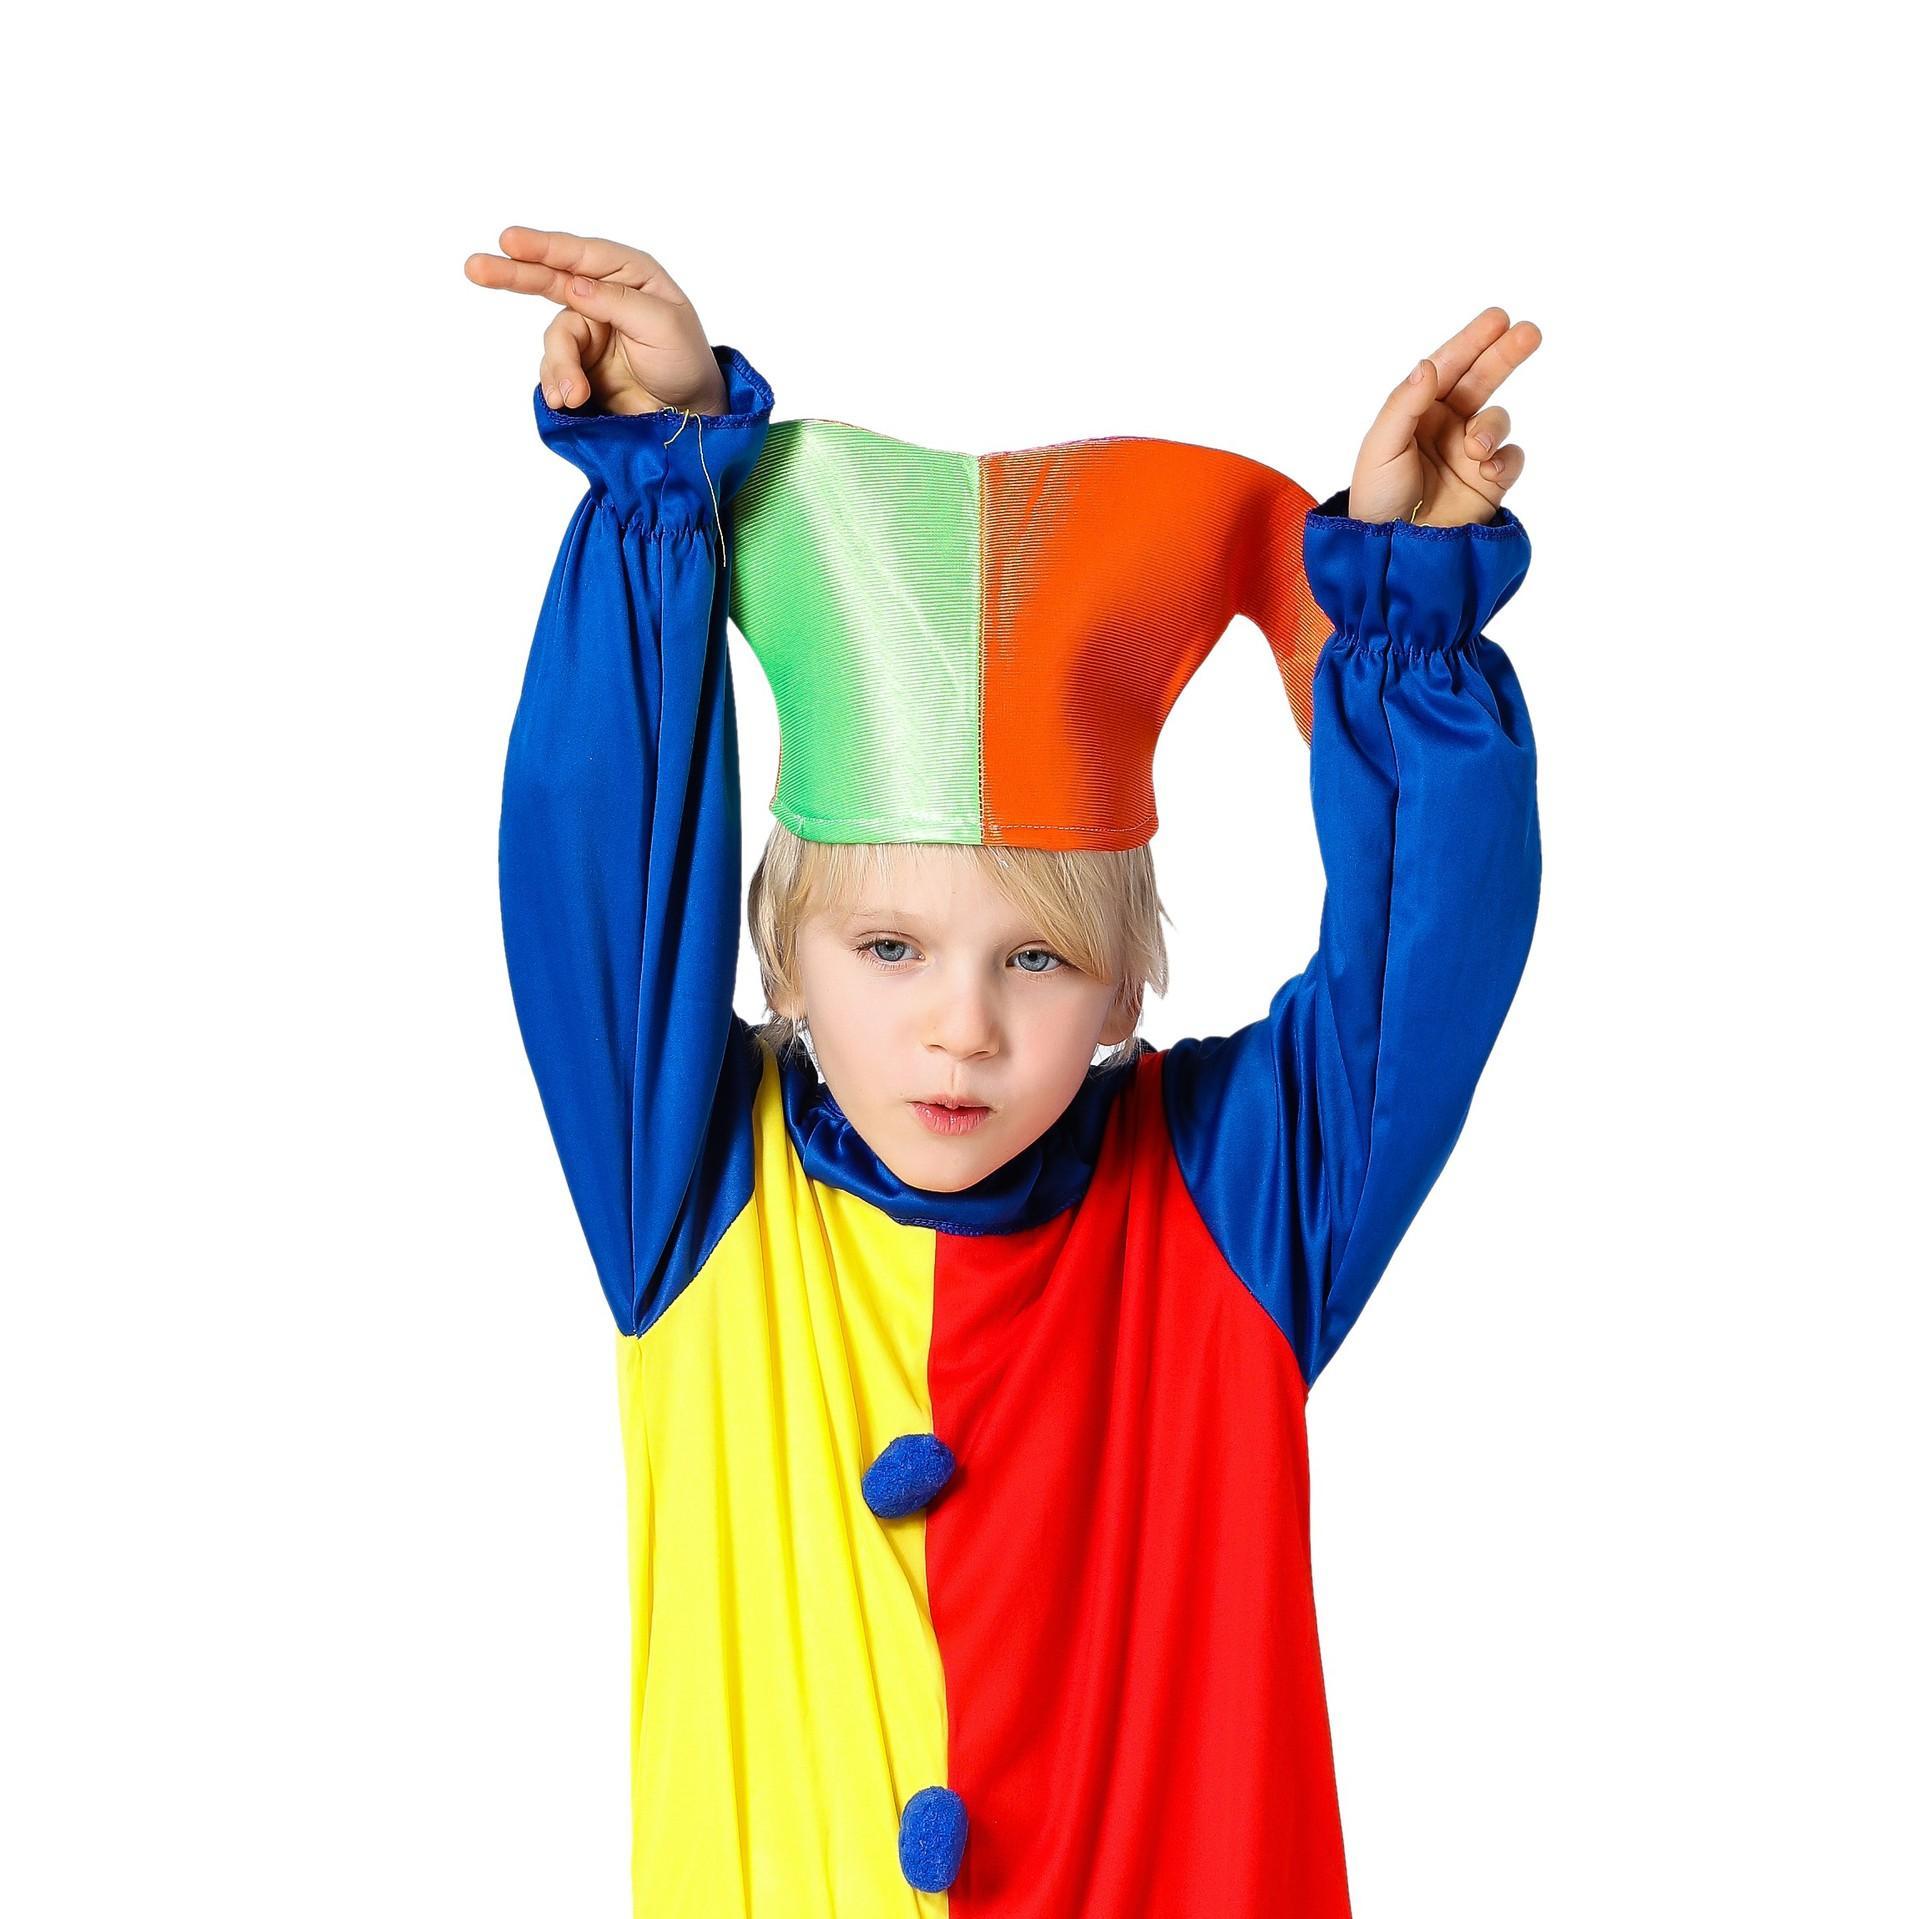 49f3722adb Compre Roupa Dos Miúdos Roupas De Bebê Roupas De Bebê Menino Meninos Roupas  New Harlequin Costume Crianças Palhaço Do Dia Das Bruxas Fantasia Vestidos  ...